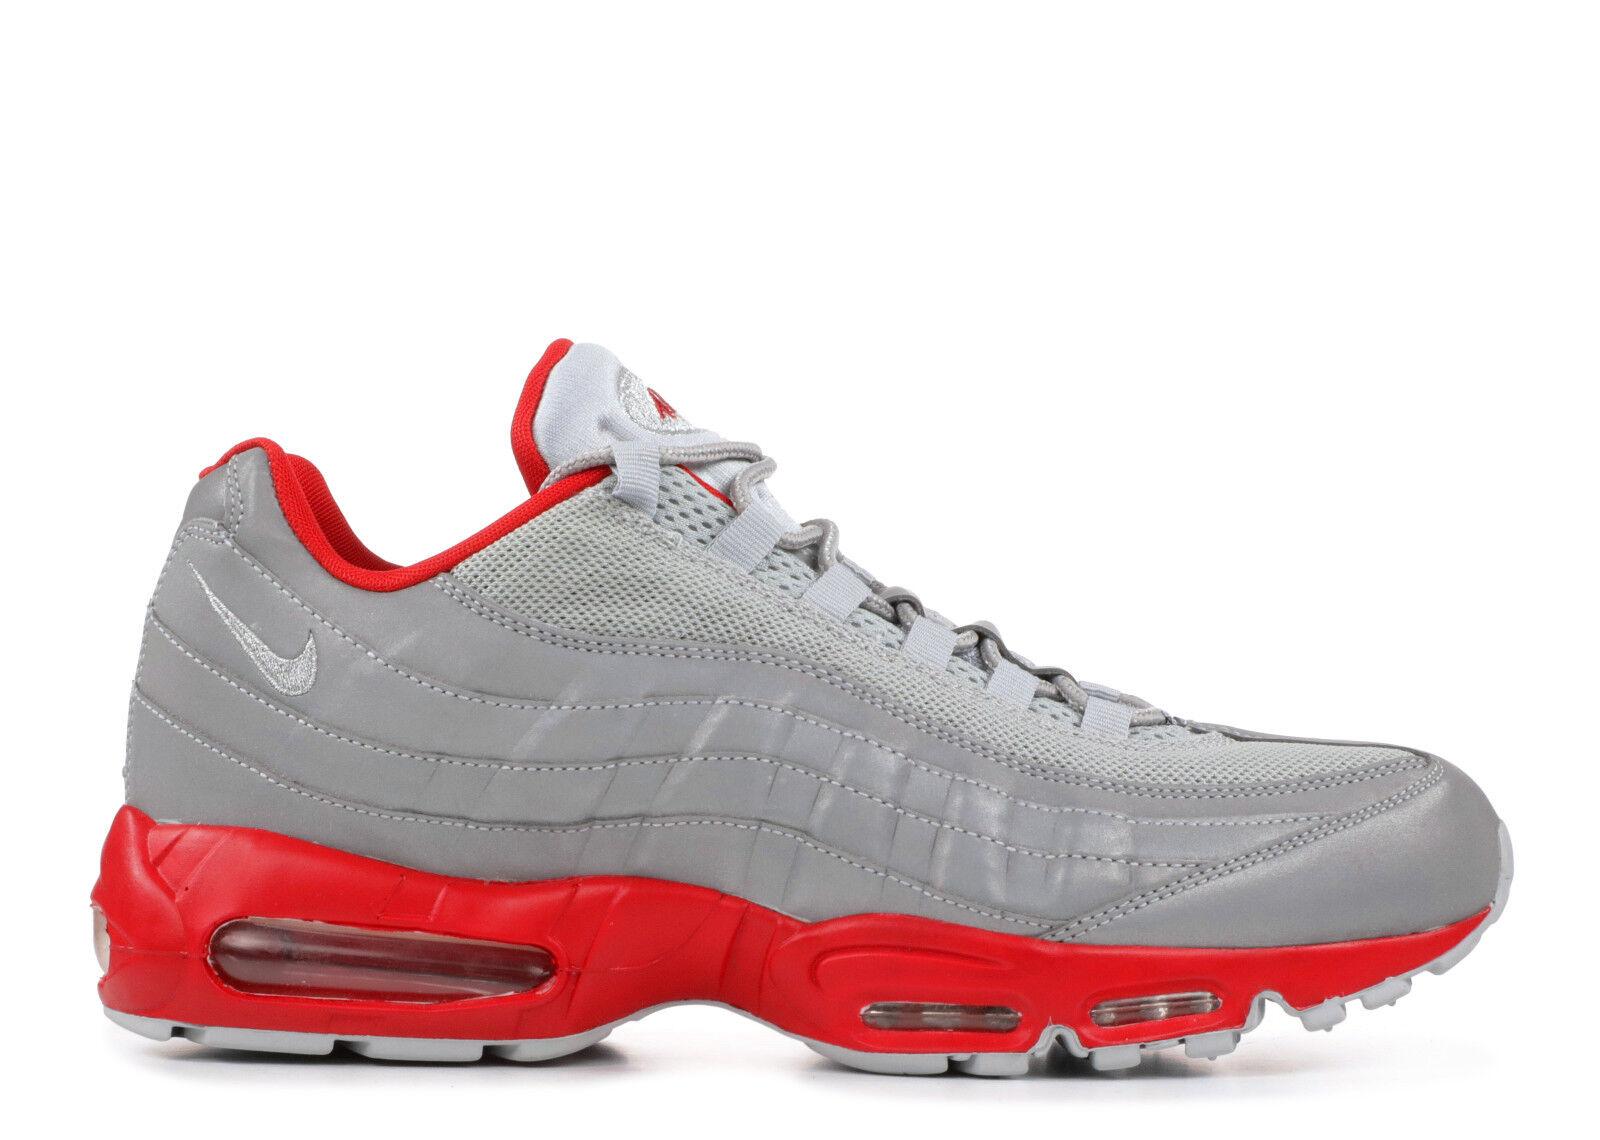 Nike air max 95 argento metallico sport rosso sz 11 609048-029 2010 nuovo raro 2010